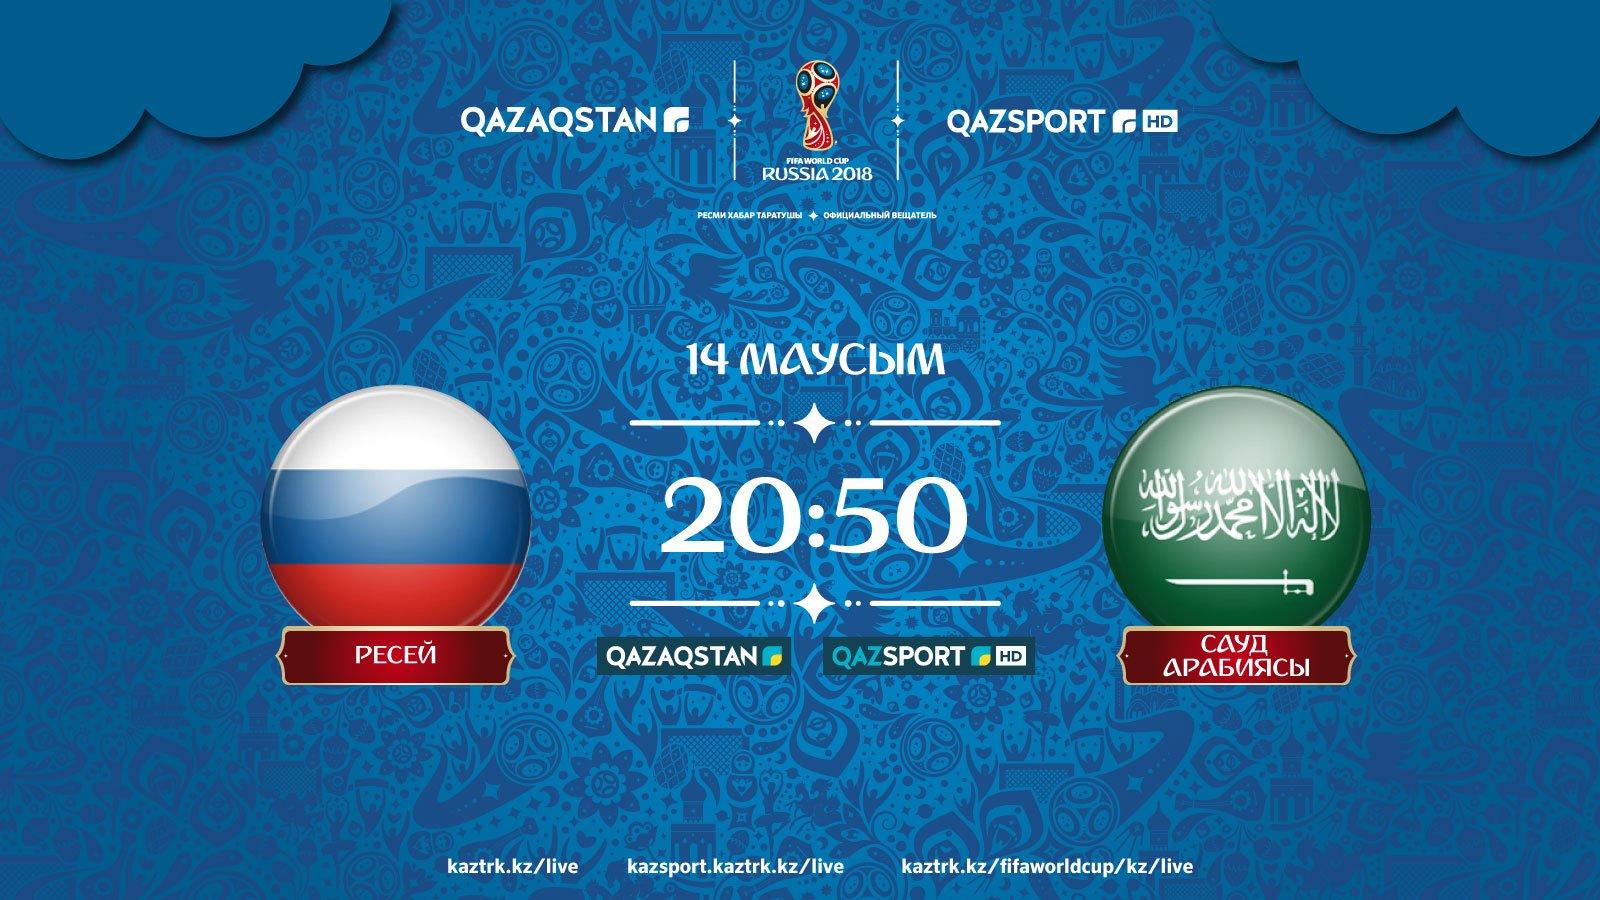 Матч Россия - Саудовская Аравия в прямом эфире покажут телеканалы «Qazaqstan» и «QAZSPORT»